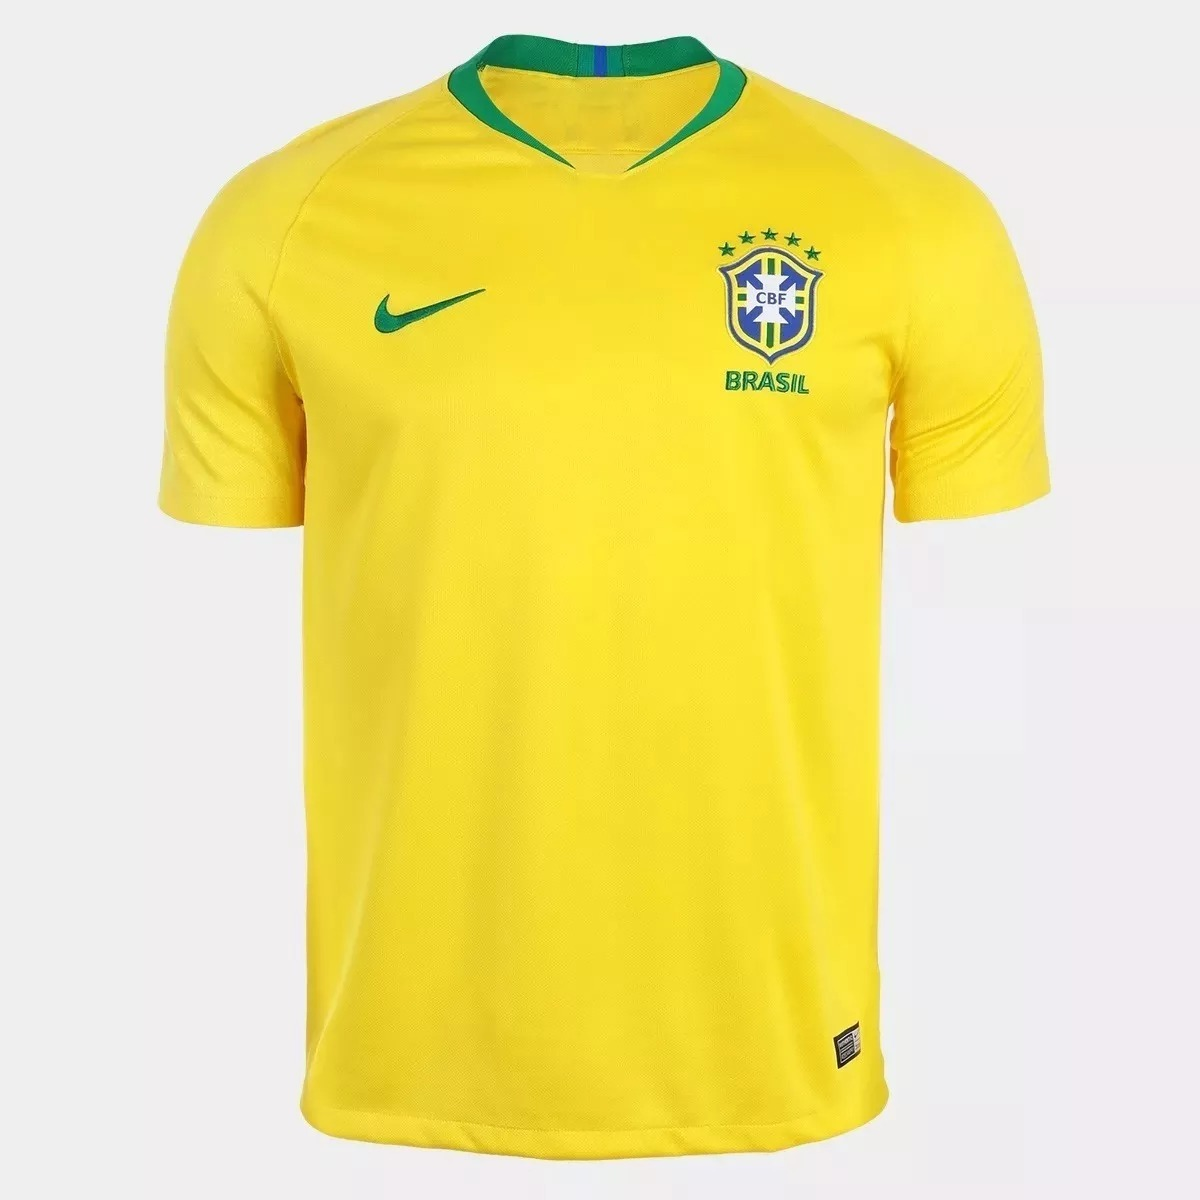 a113ef19600e0 camisa camiseta nike seleção brasileira (promoção 40% off). Carregando zoom.